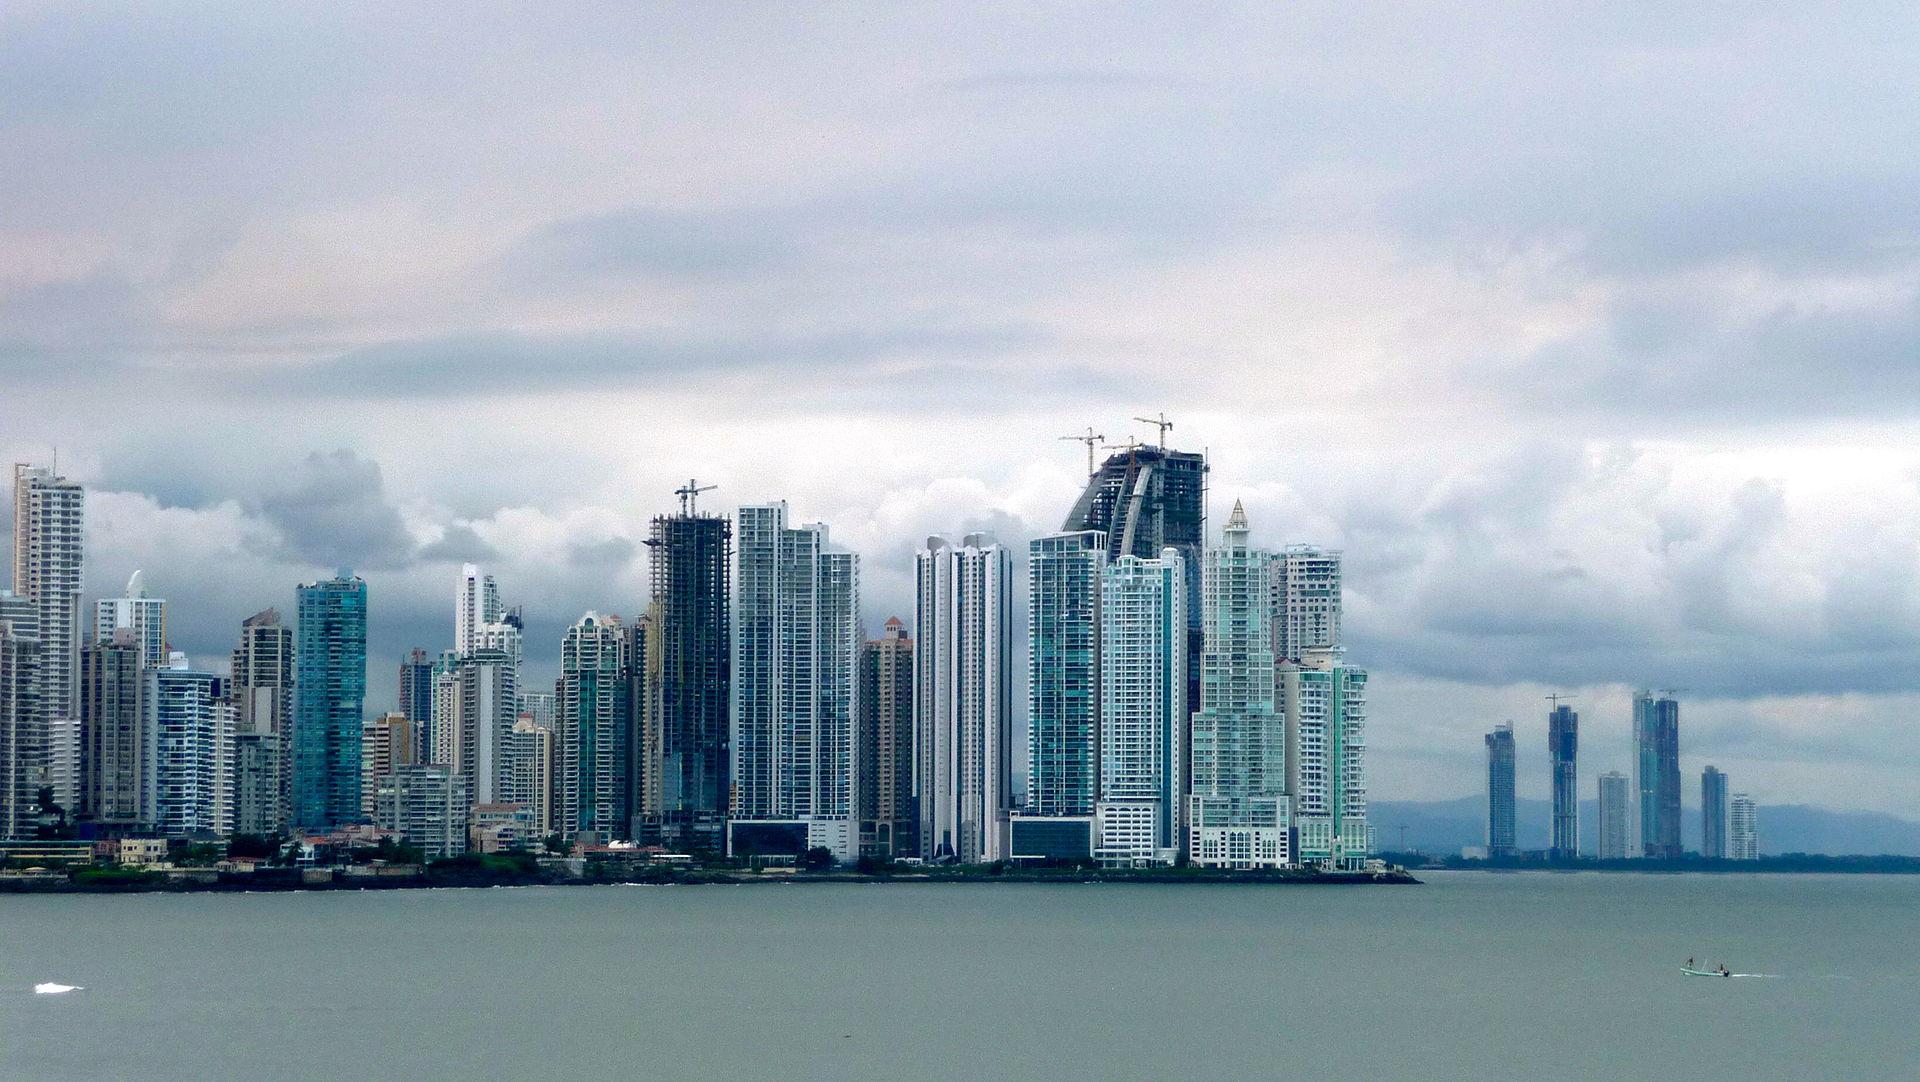 Panama Papers. Kapitalisme laat zich niet reguleren, het moet omvergeworpen worden!